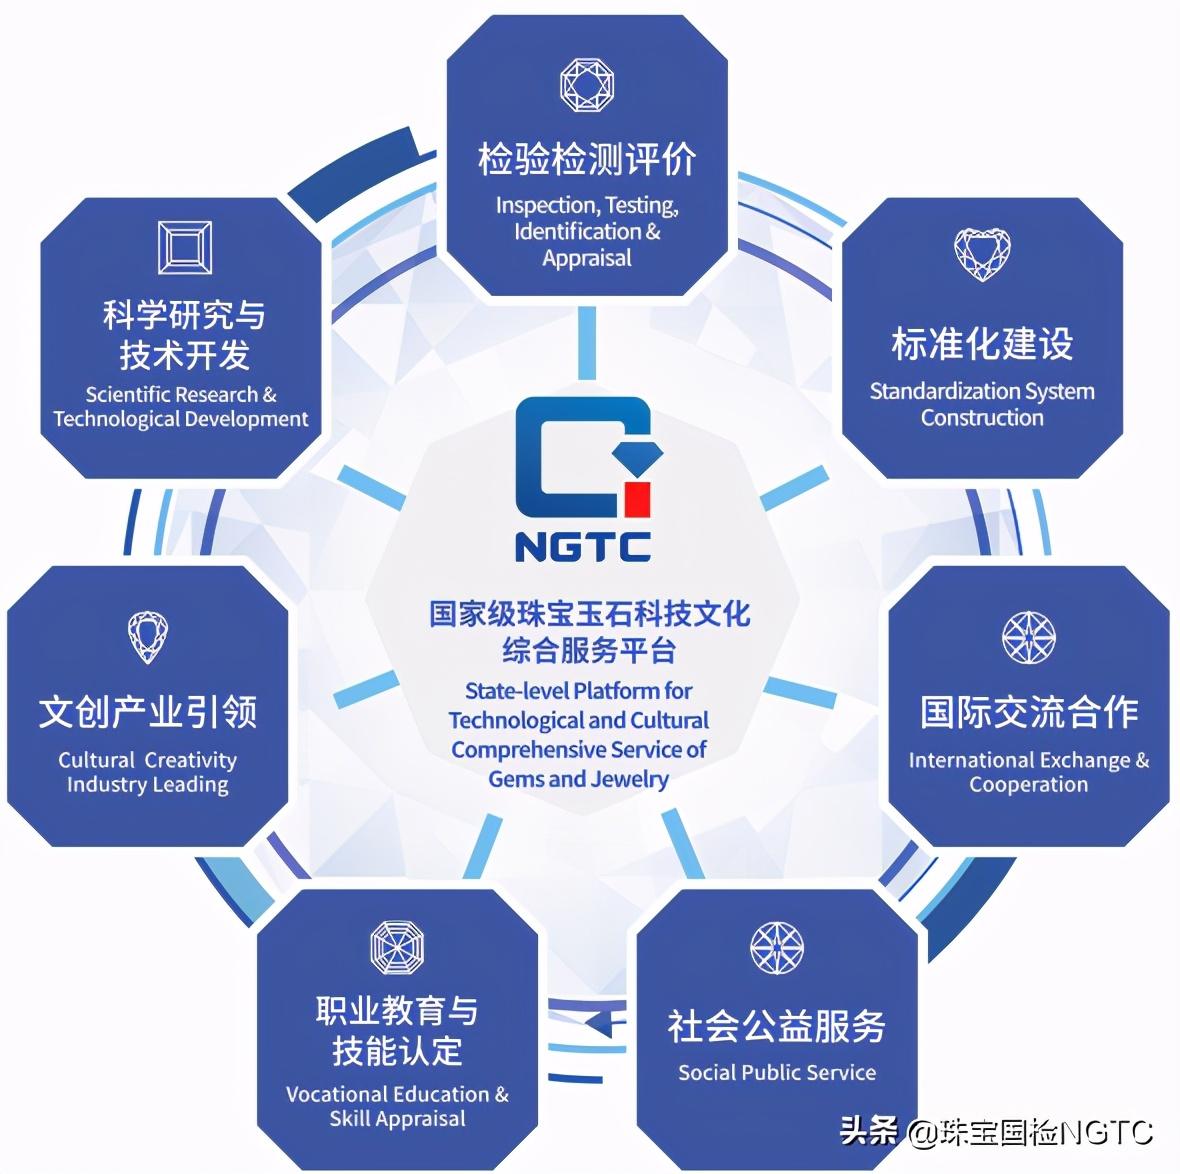 珠宝国检(NGTC)检测免费咨询展位科普宣传册、宣传片受到消费者广泛喜爱关注